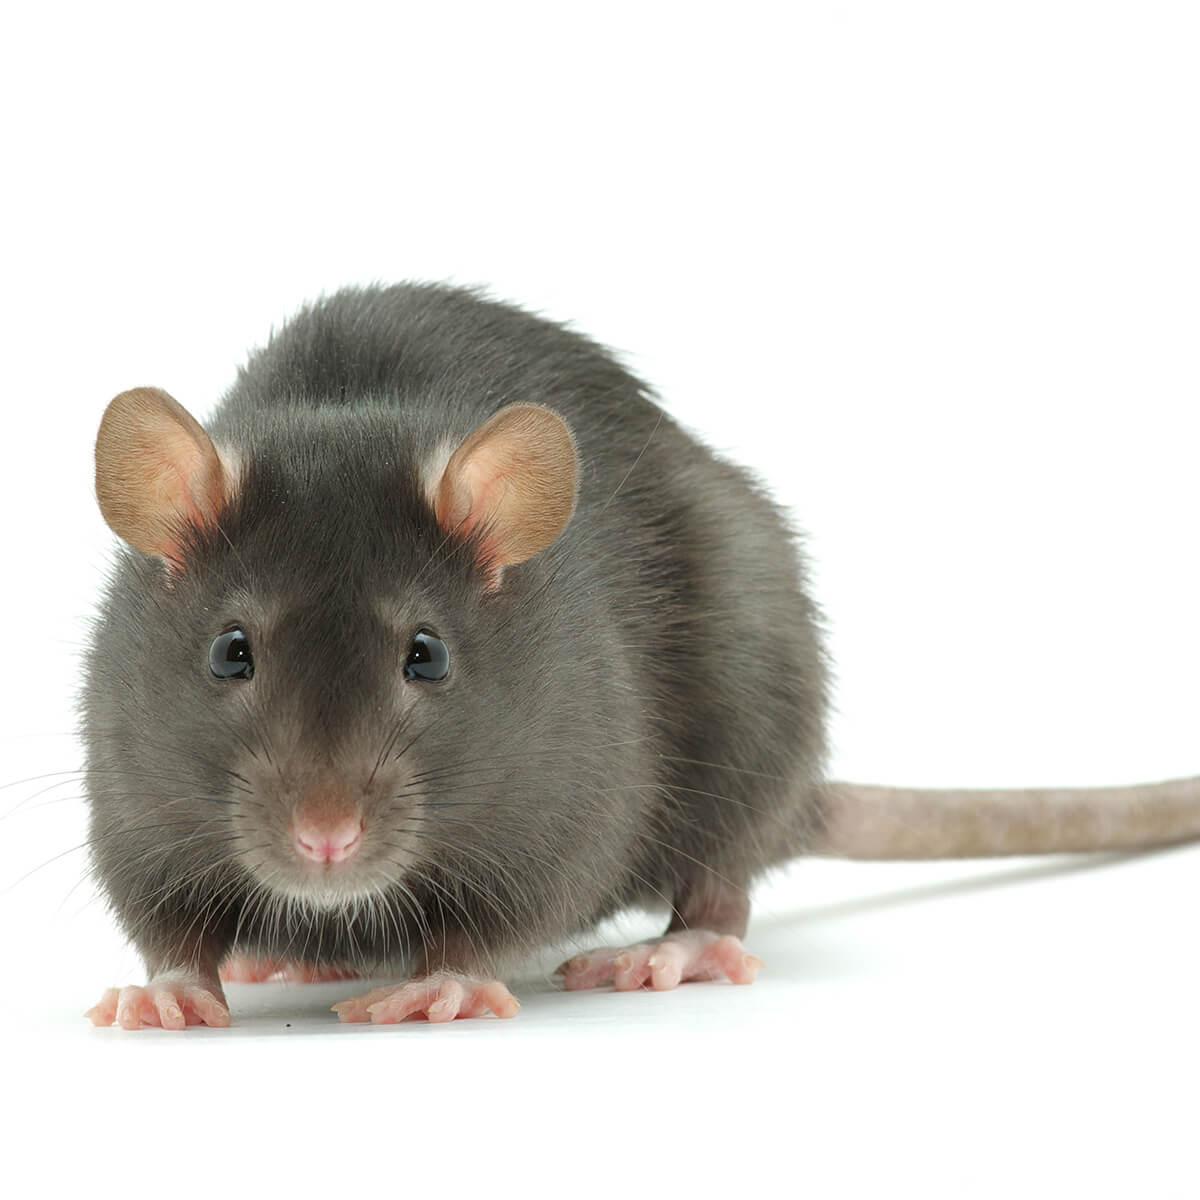 Black Rat - Featured Image